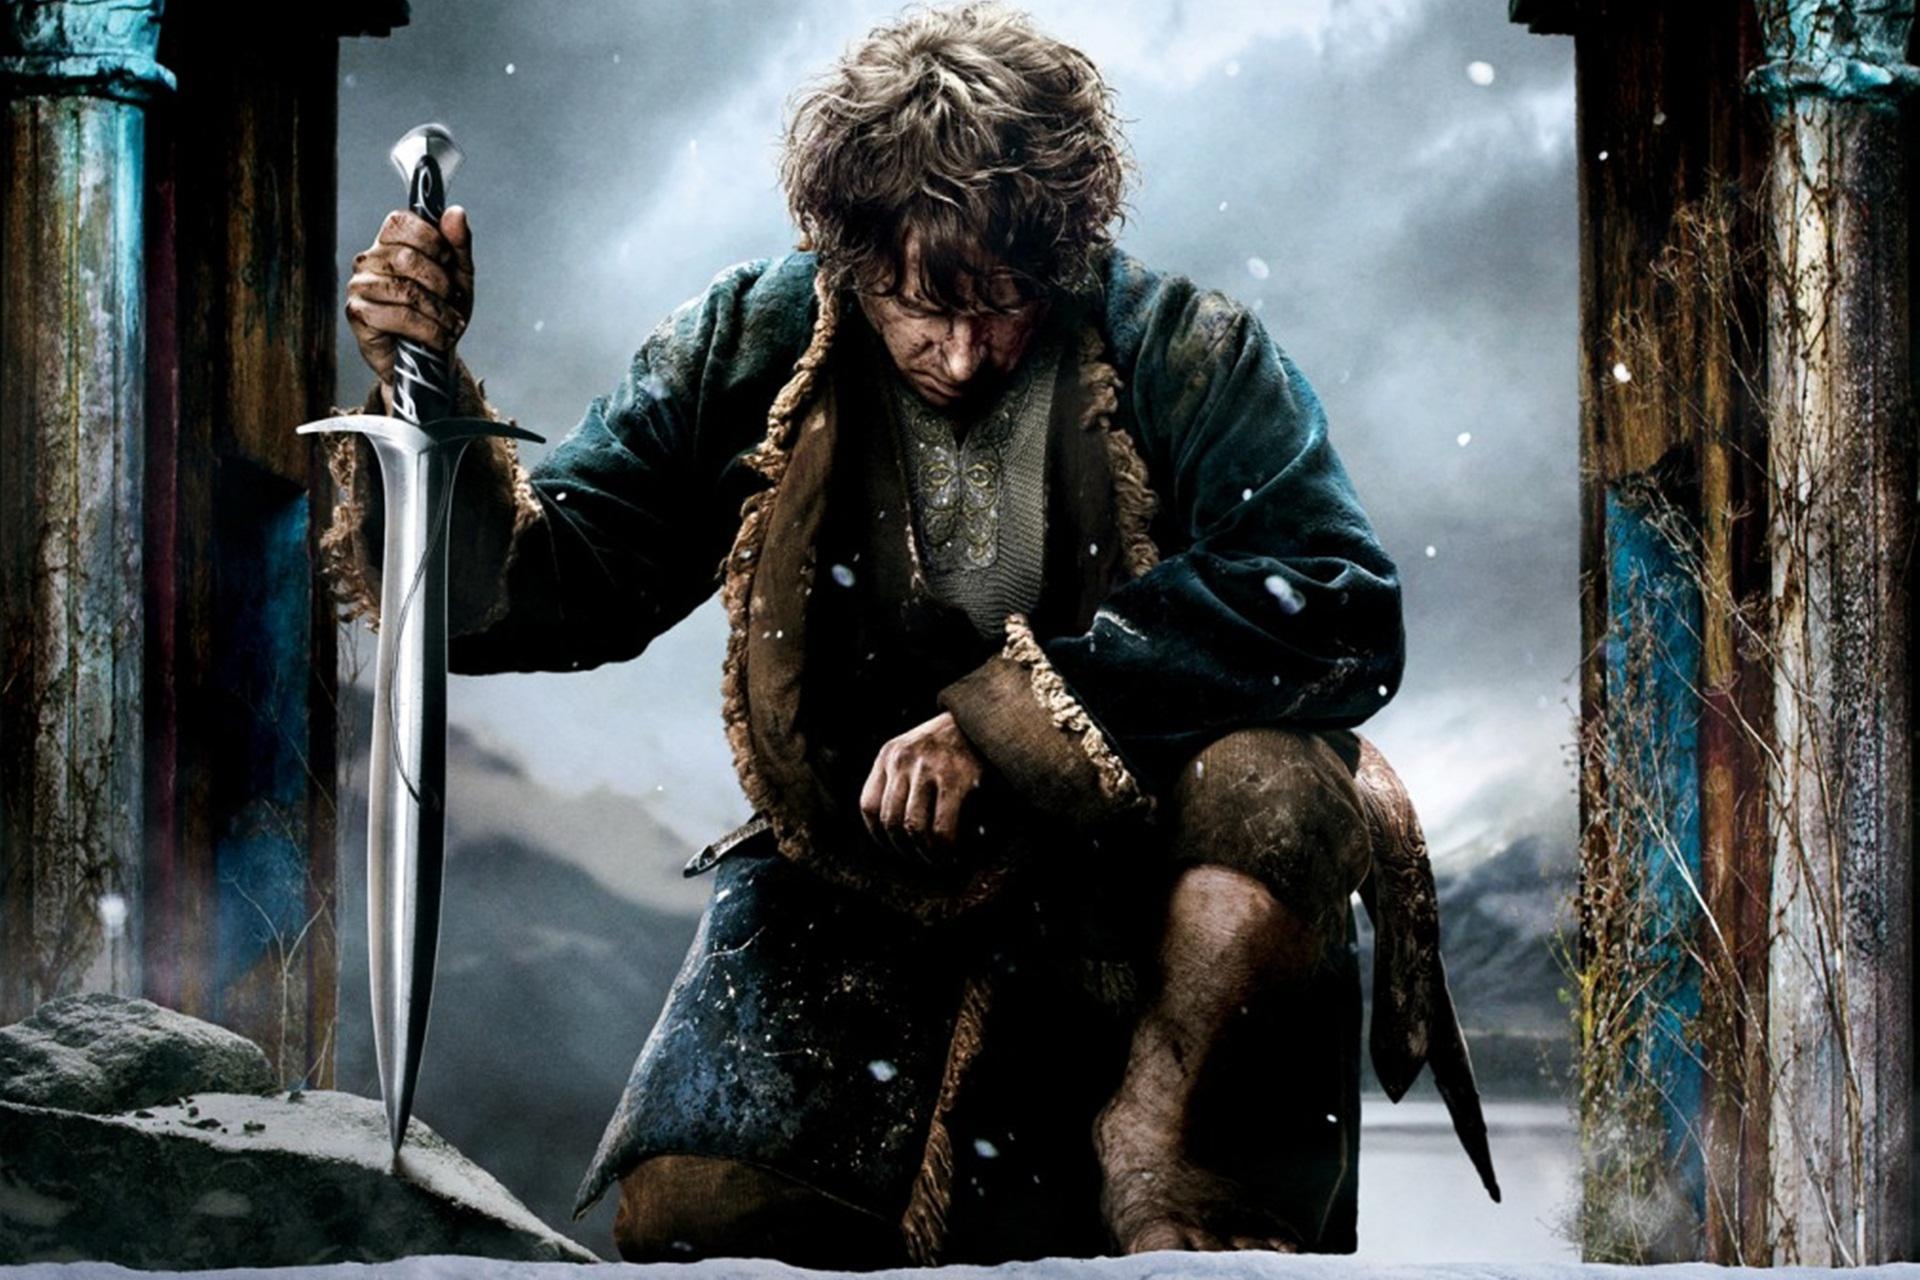 El hobbit: la desolación del público